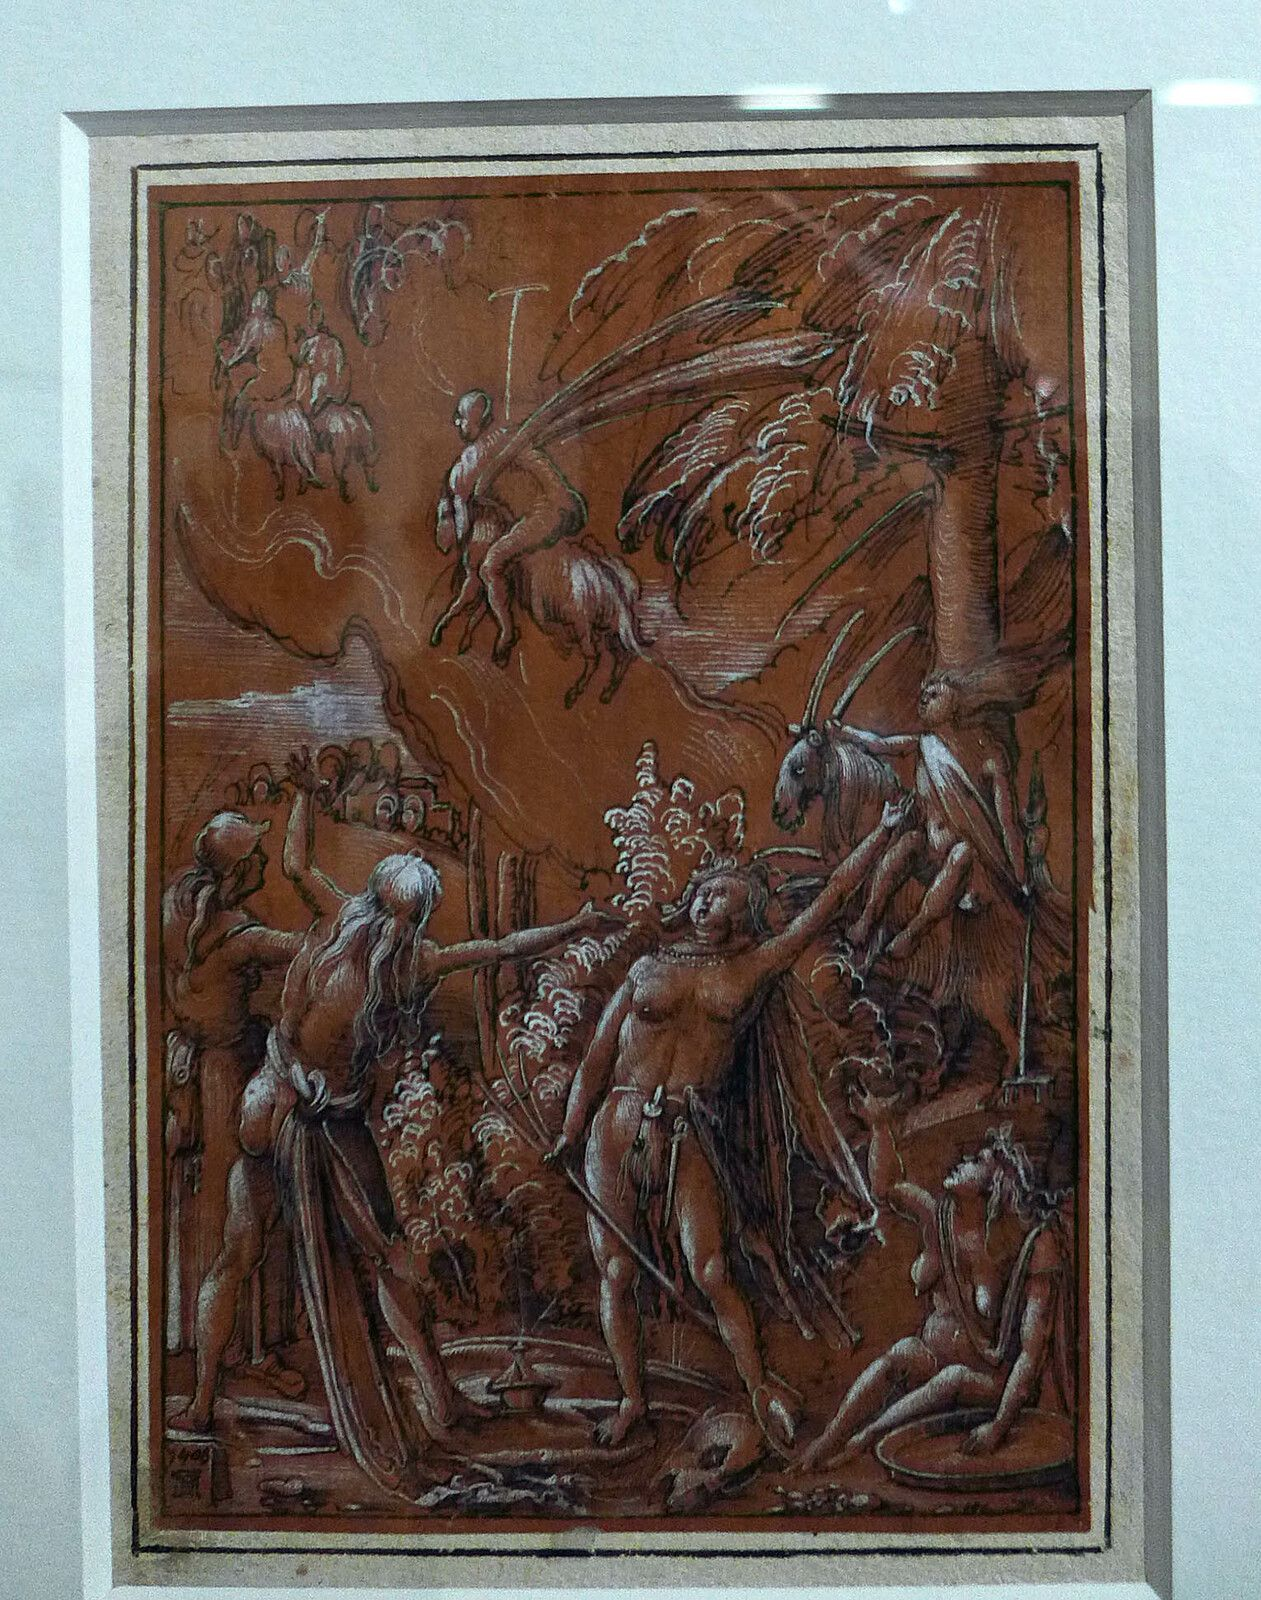 Albrecht Altdorfer, Le Départ pour le sabbat (1506), plume et encre noire, rehauts de gouache blanche, sur papier préparé brun-rouge. Paris, musée du Louvre, département des arts graphiques.